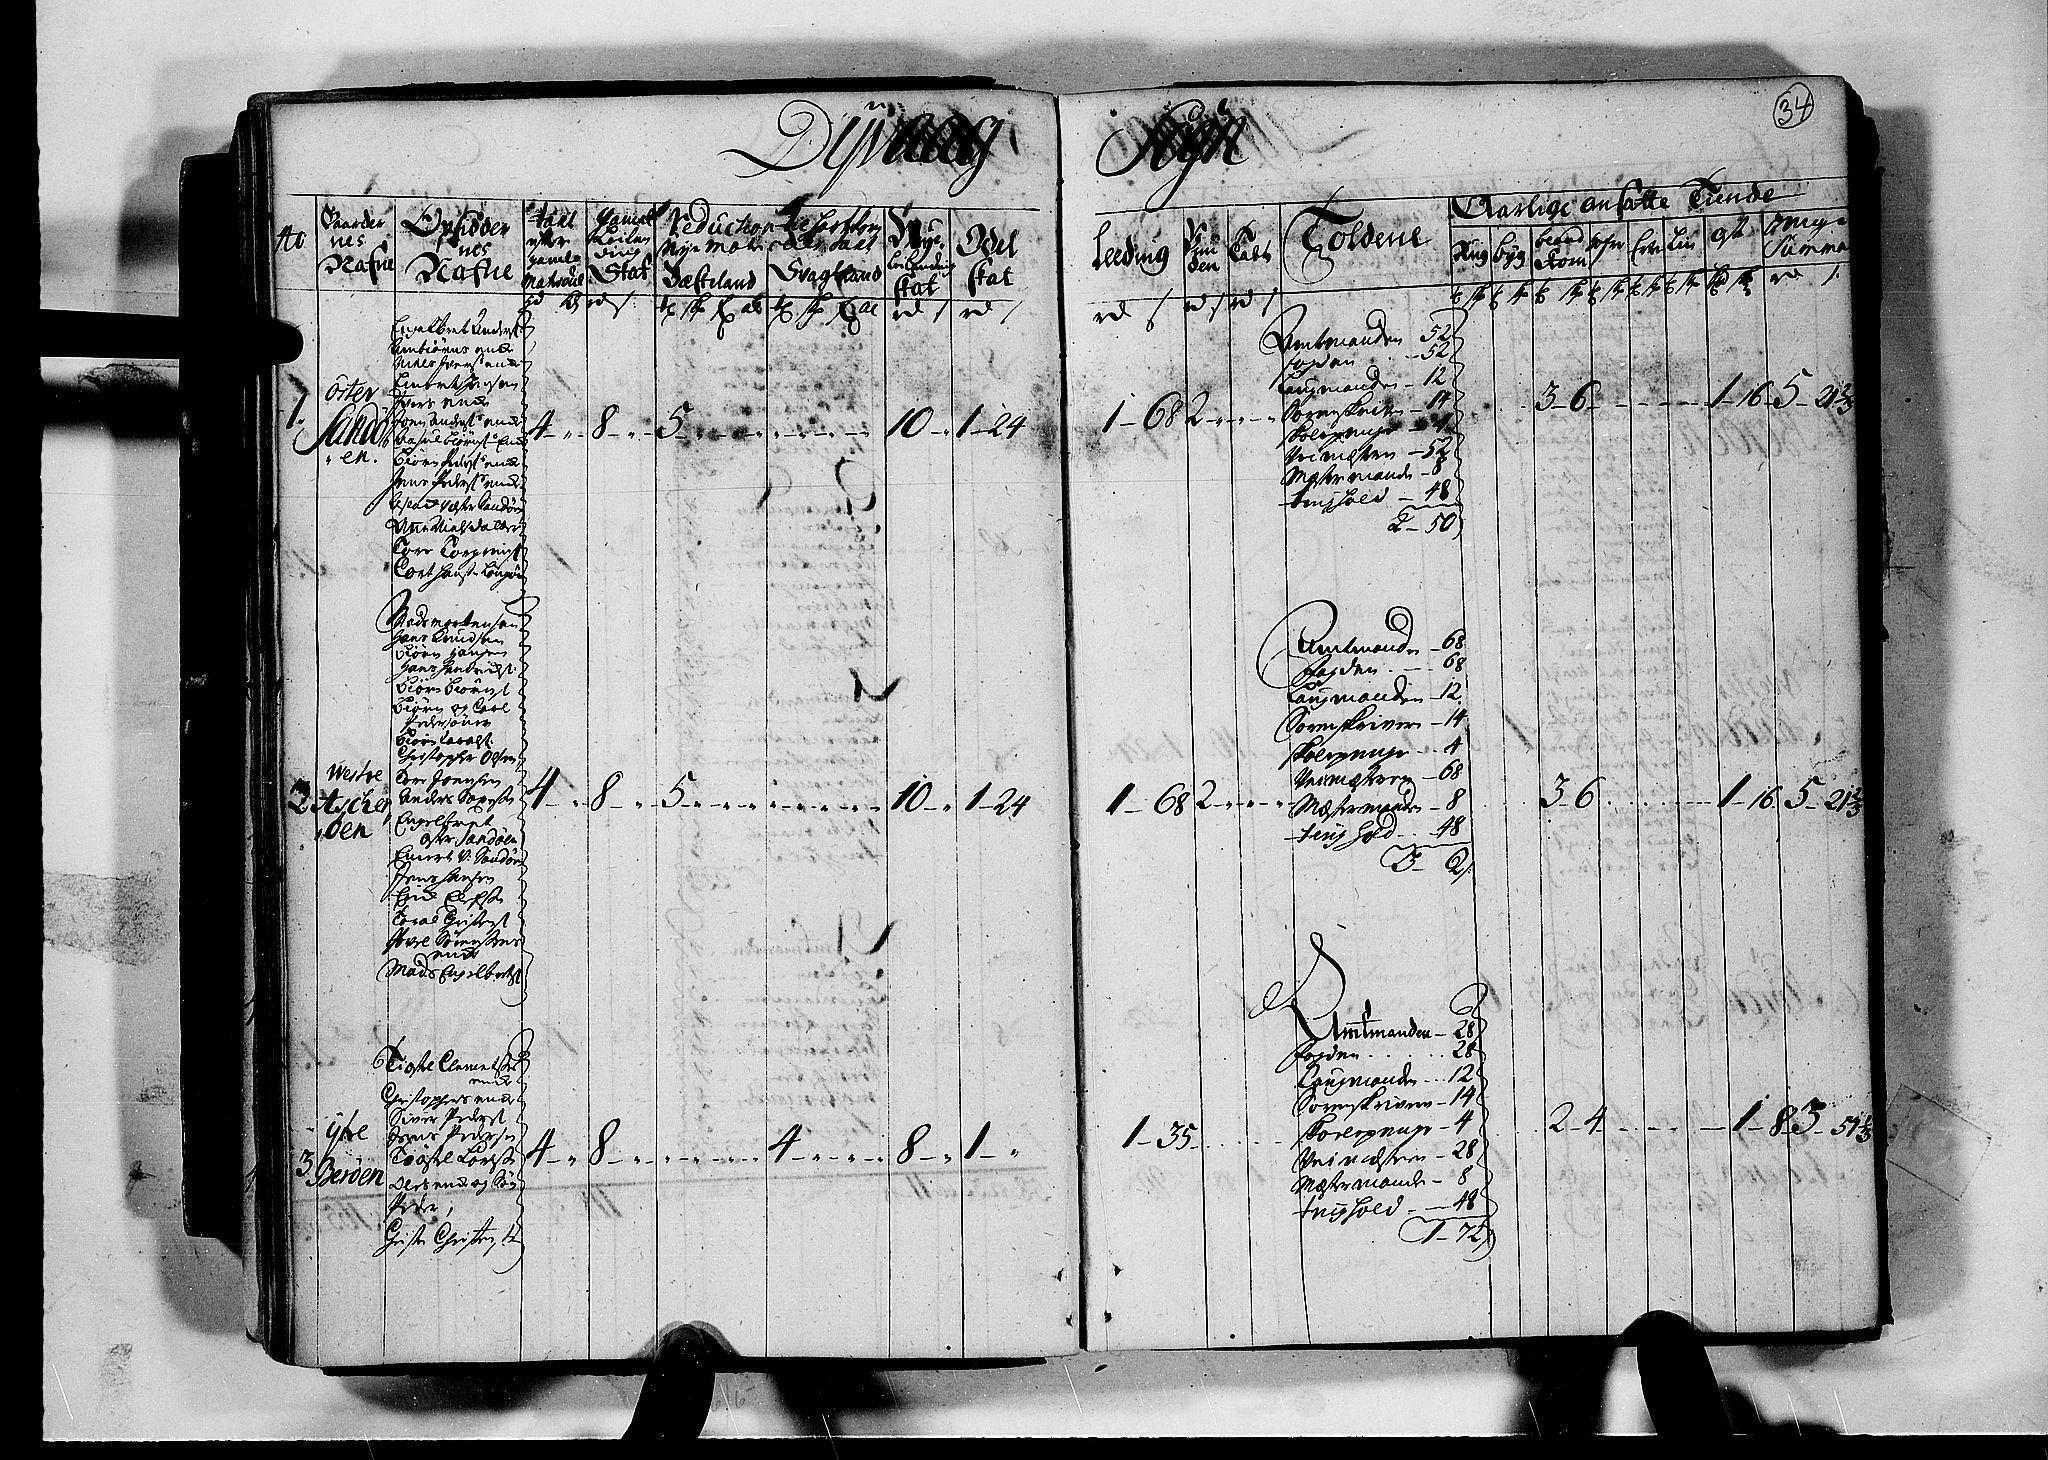 RA, Rentekammeret inntil 1814, Realistisk ordnet avdeling, N/Nb/Nbf/L0124: Nedenes matrikkelprotokoll, 1723, s. 33b-34a